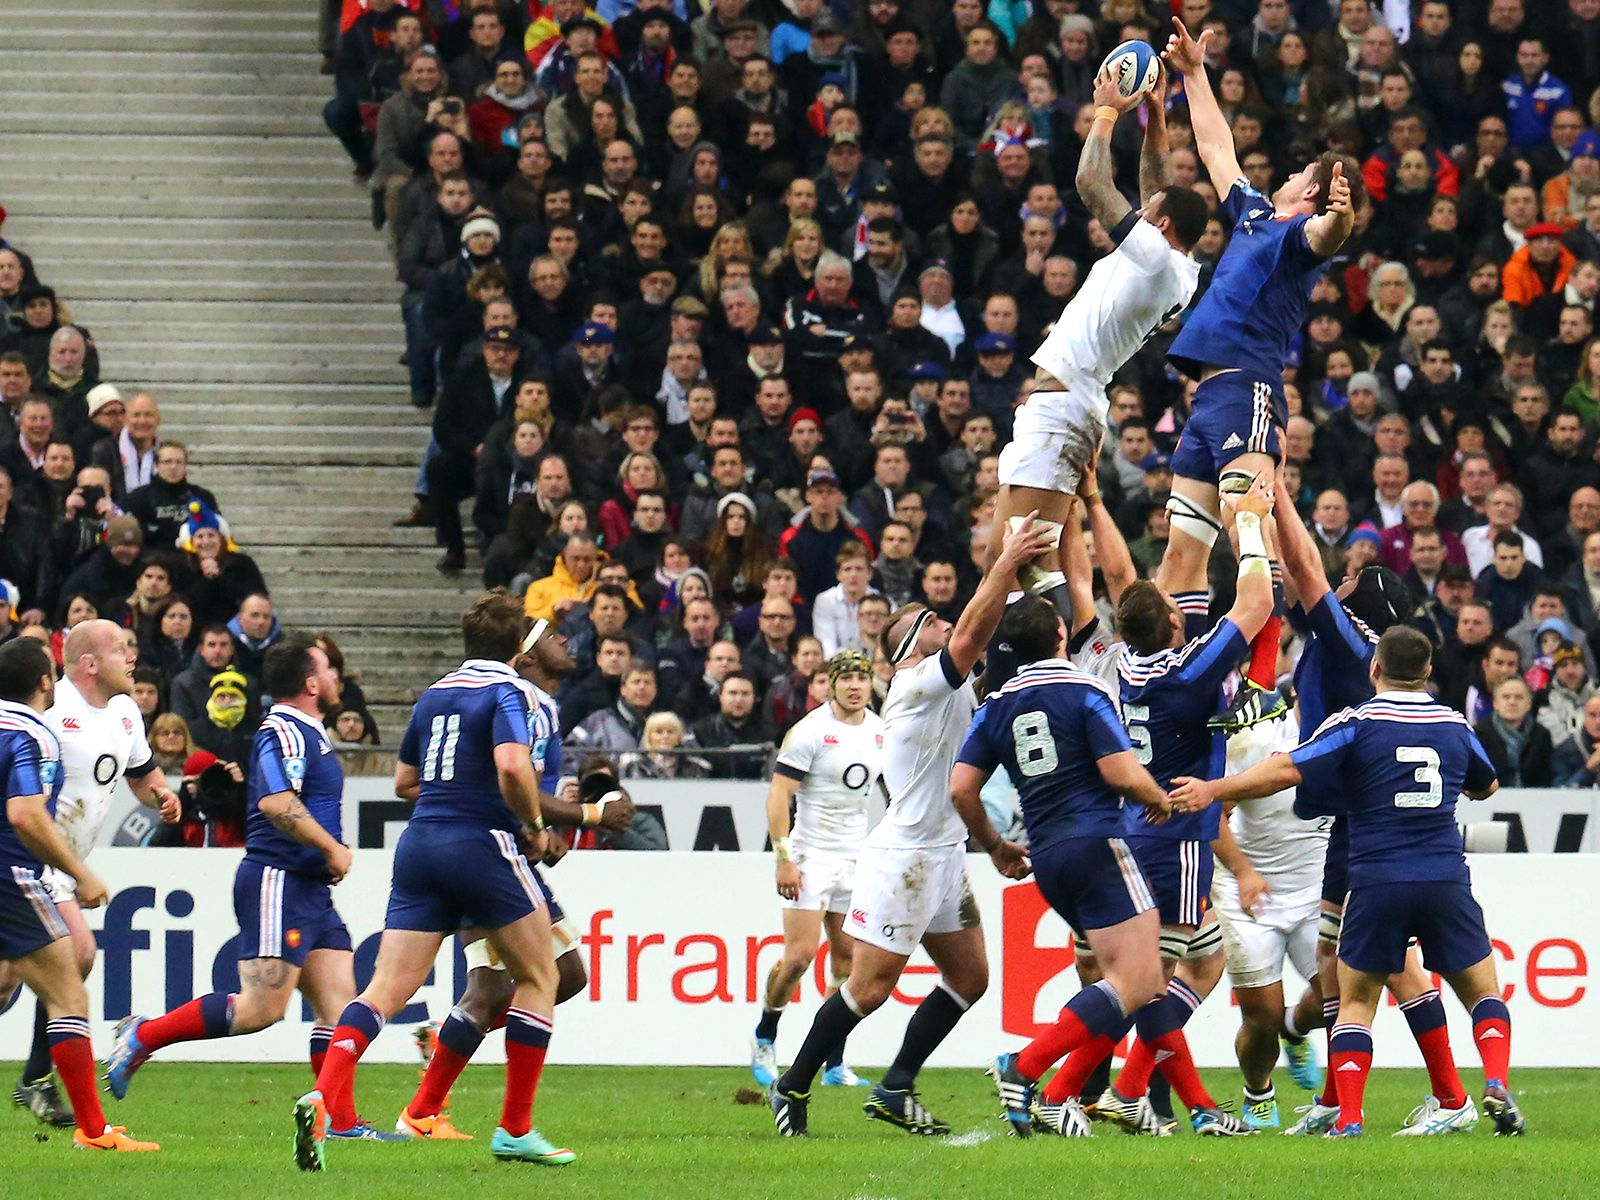 Rugby TF1 diffusera toute la Coupe du monde 2019